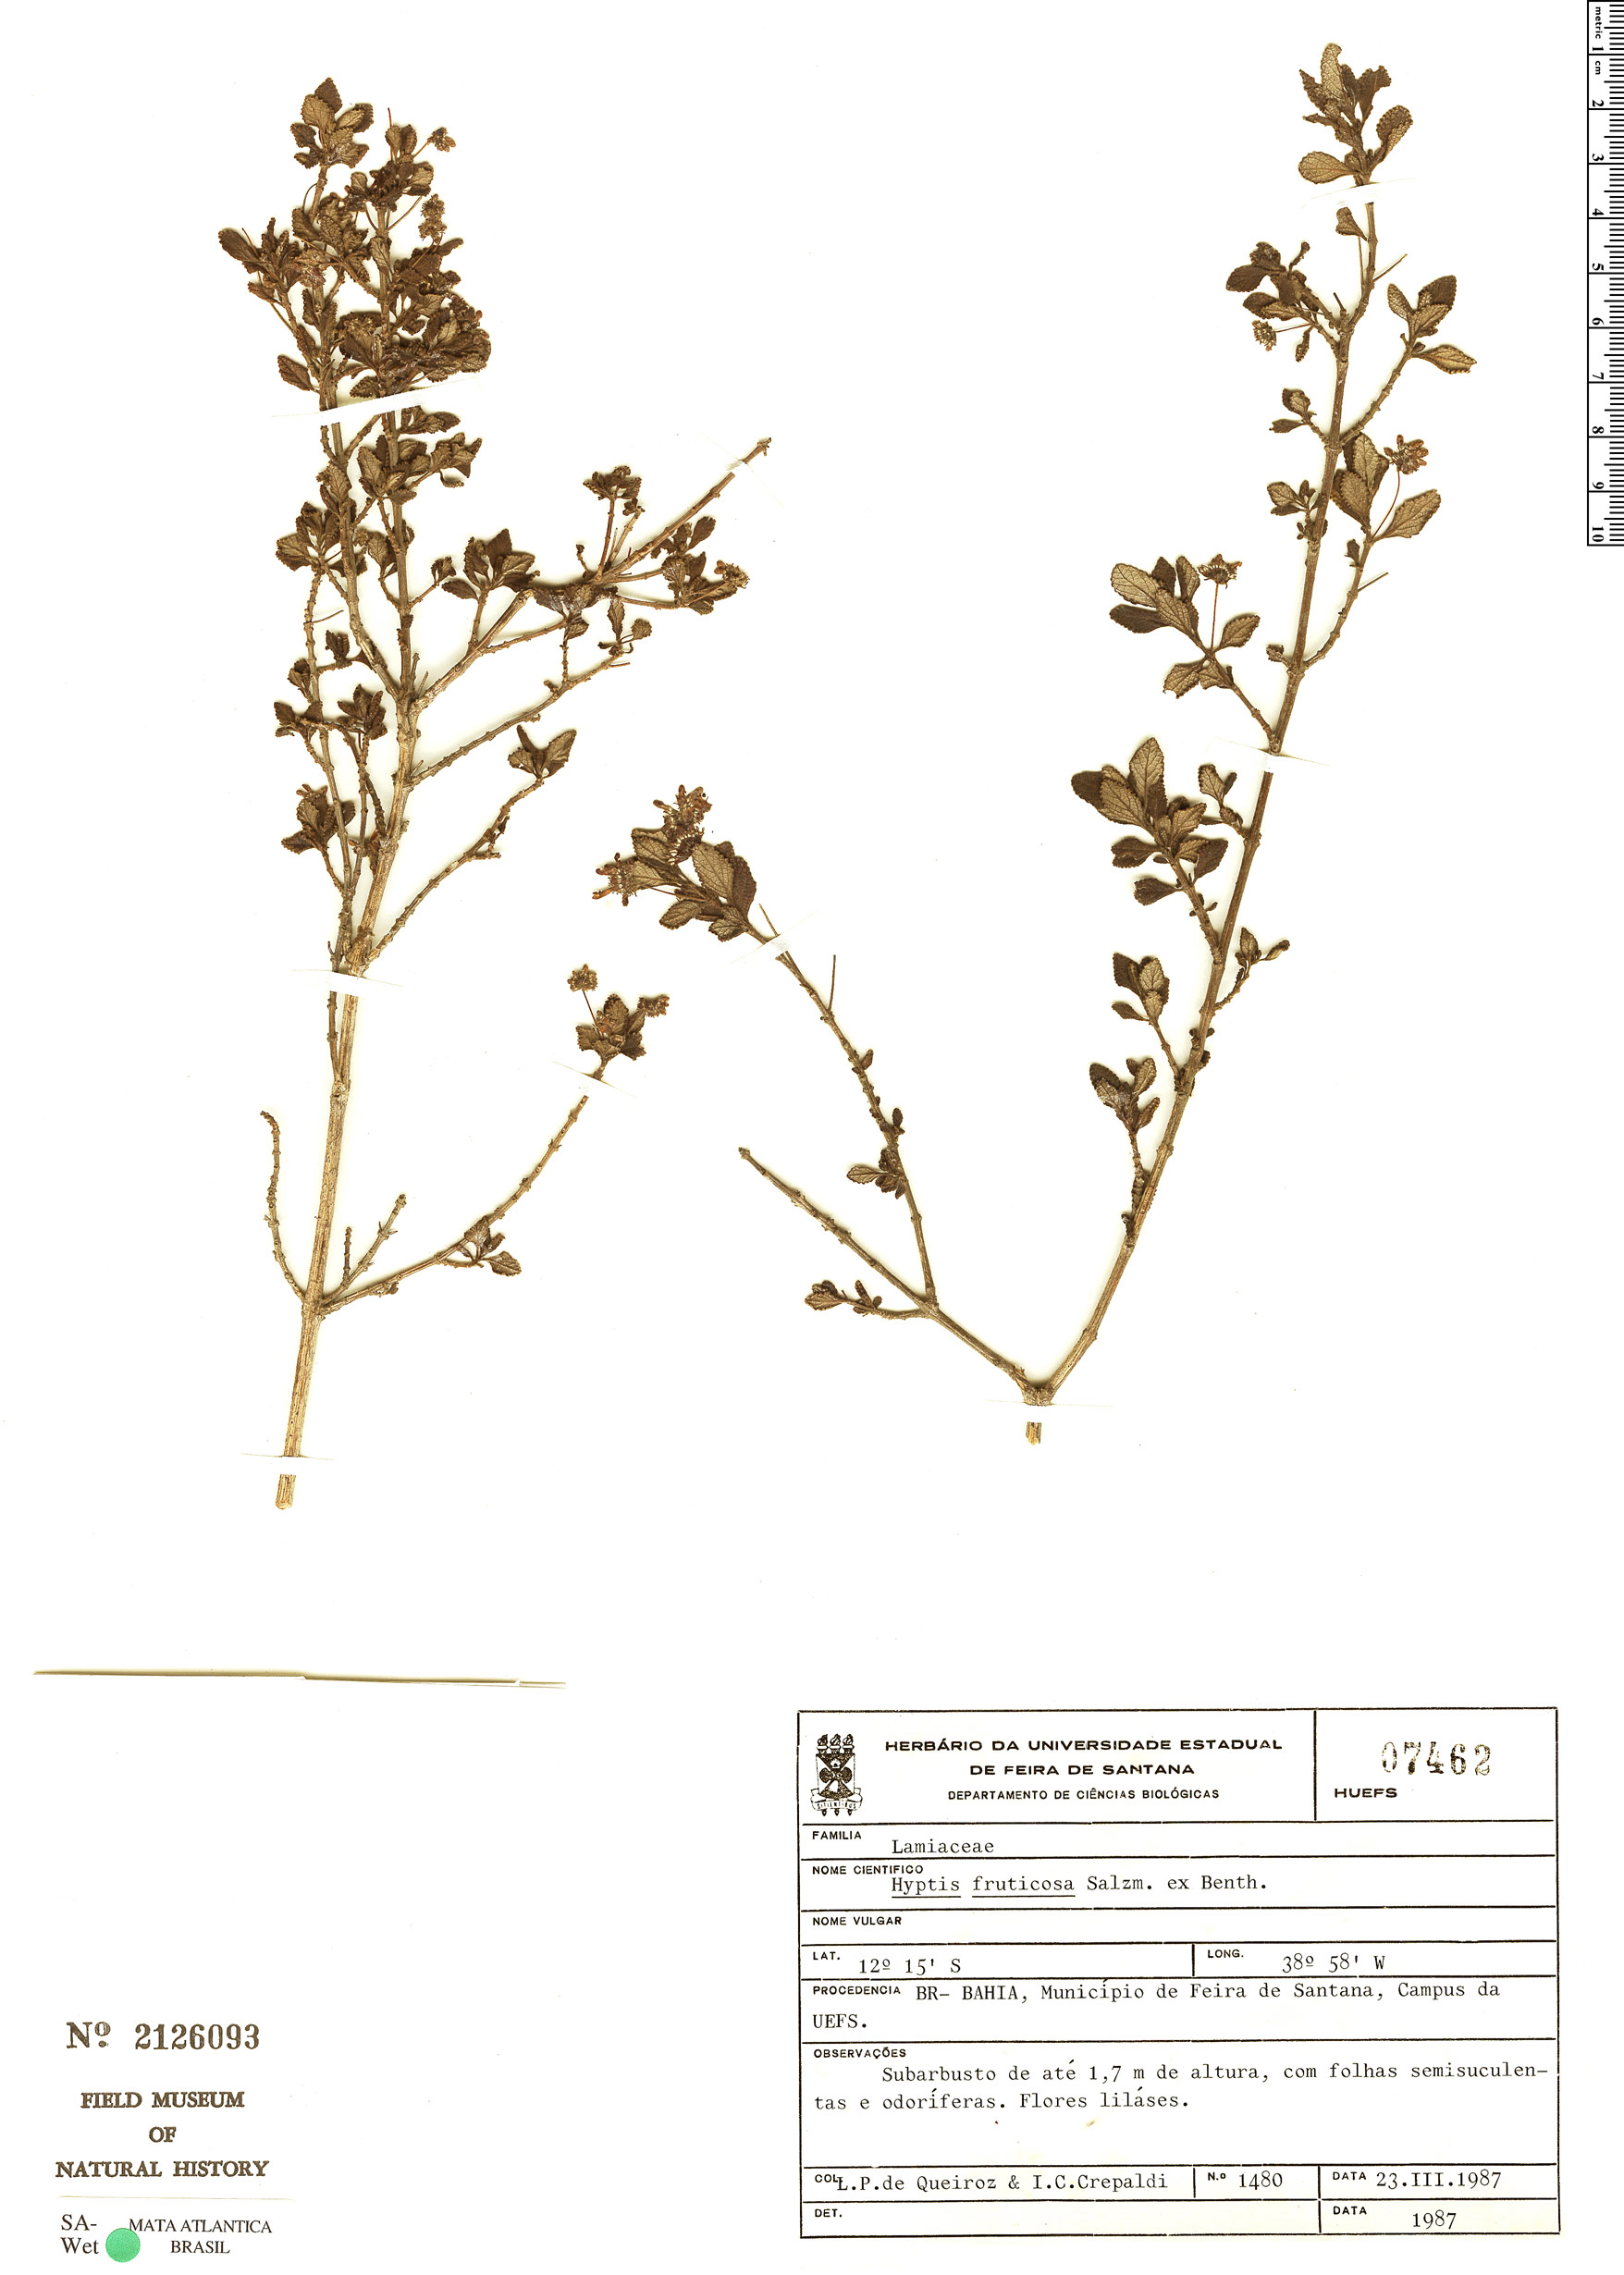 Specimen: Eplingiella fruticosa